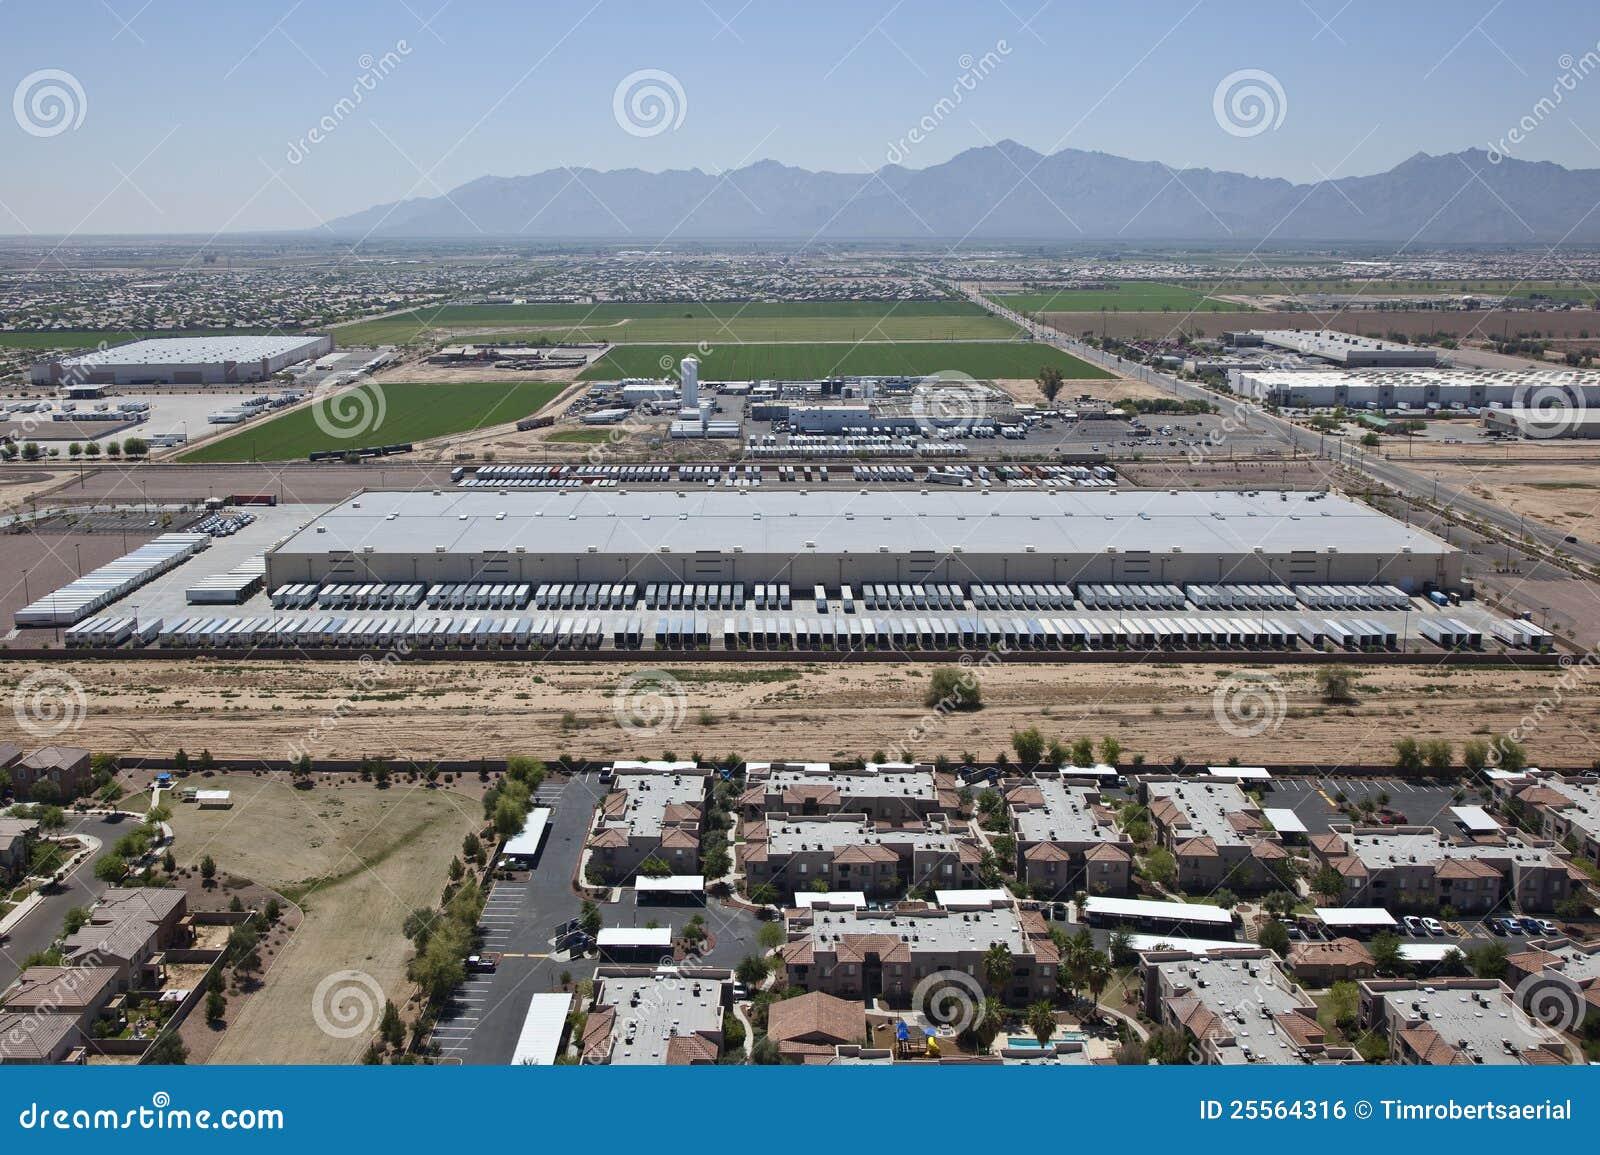 Large Distribution Warehouse Stock Photo Image 25564316